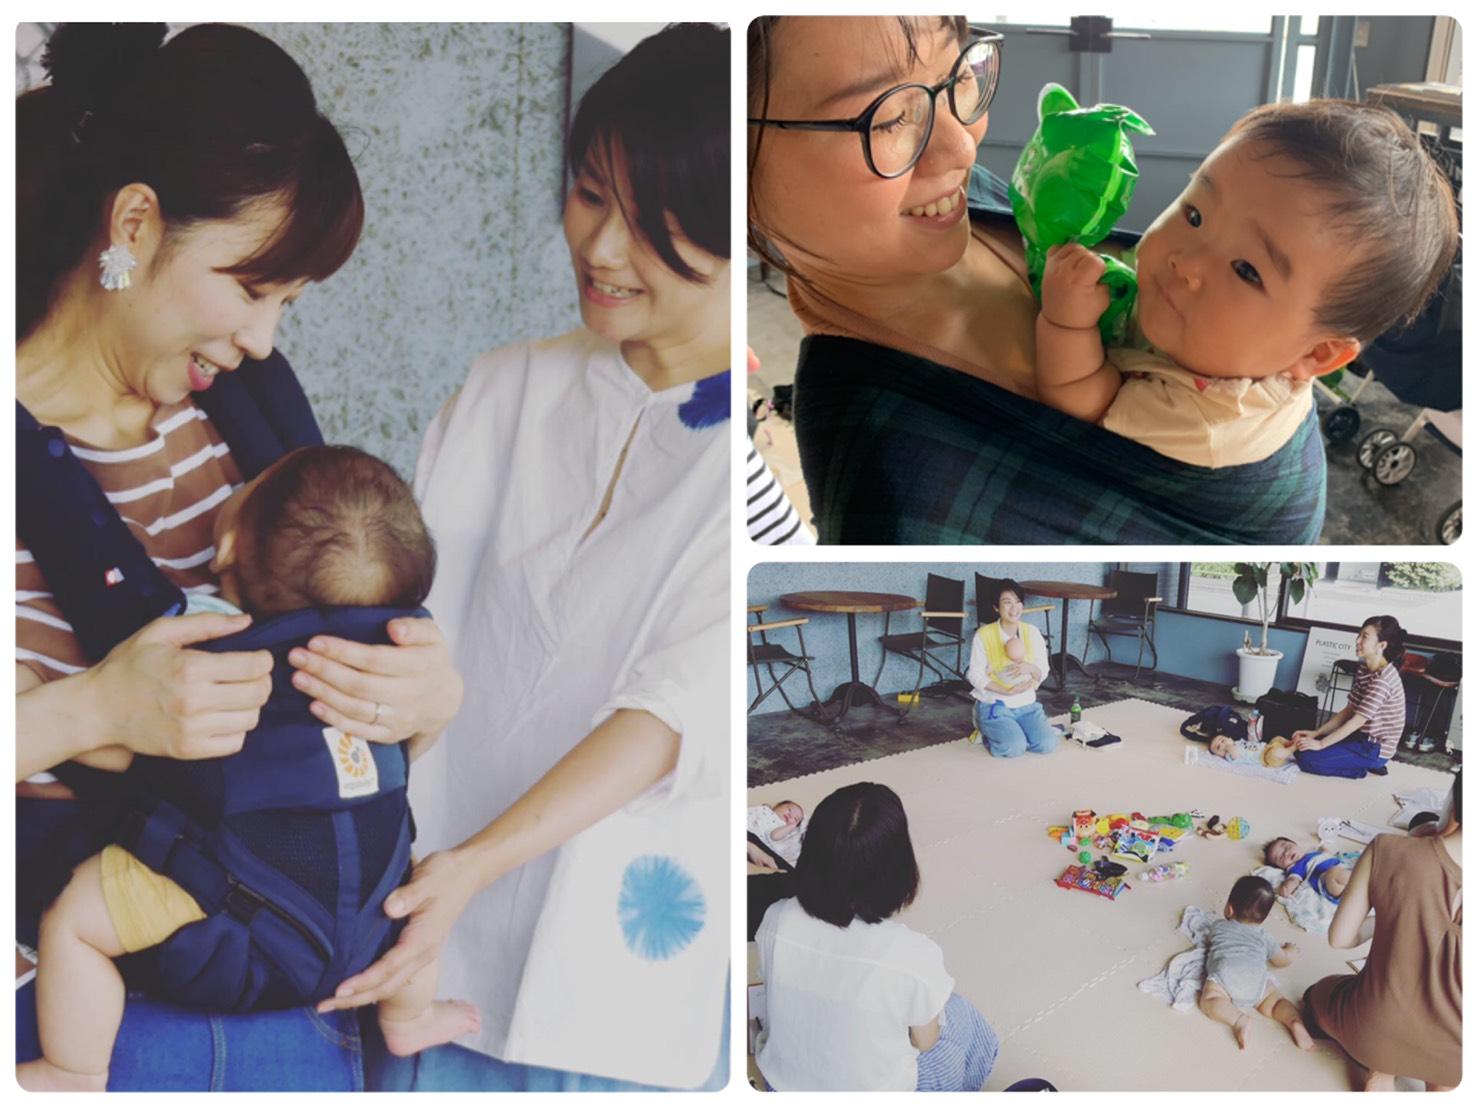 ママと赤ちゃんがラクになる、楽しくなる抱っこ講座 9月25日(金)